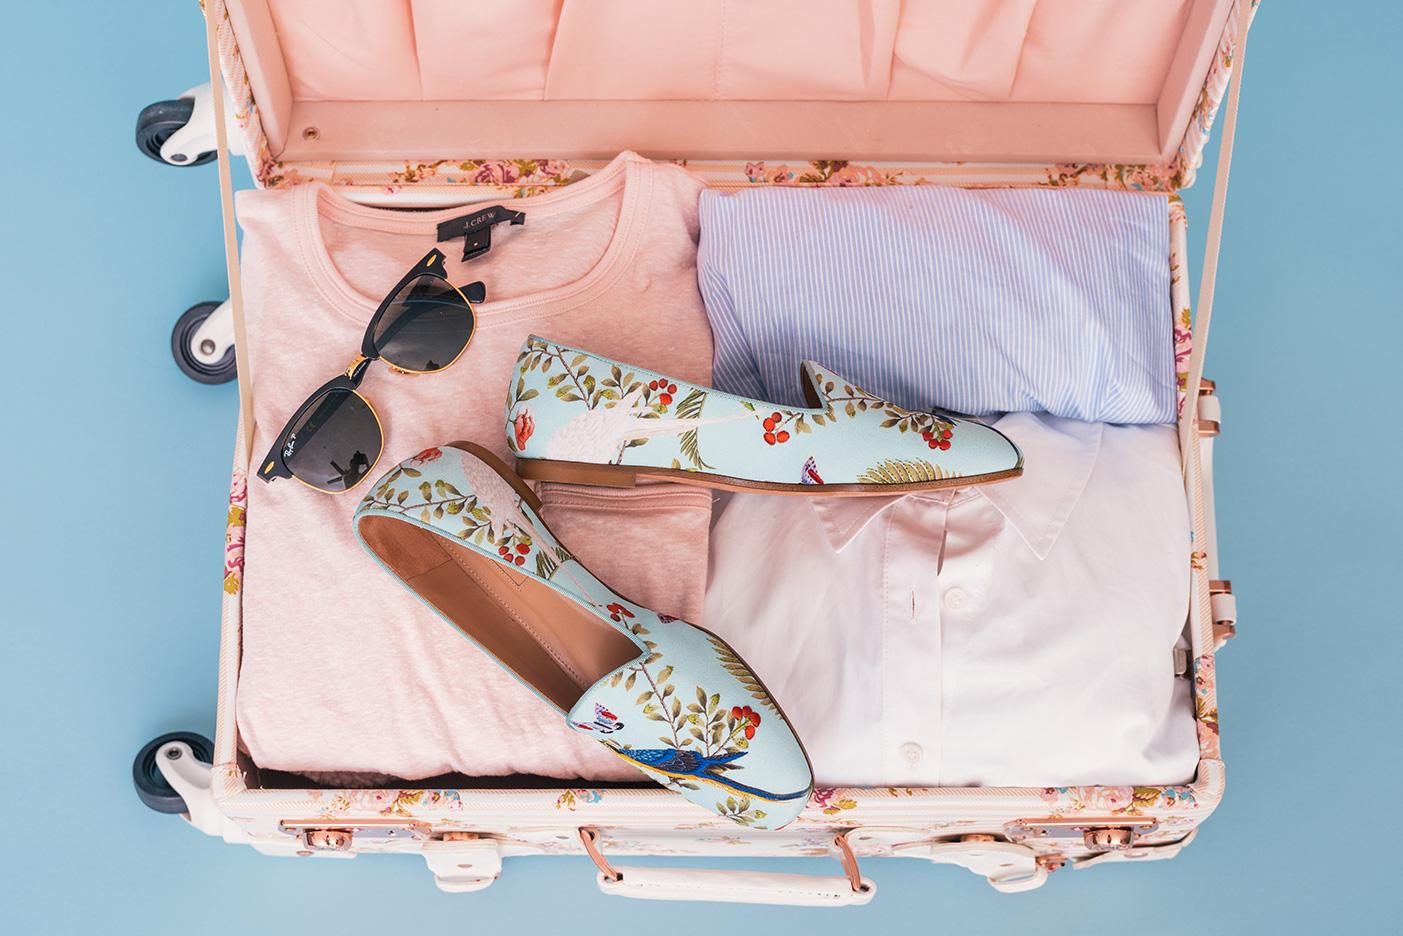 Rosafarbener Koffer mit Stylischen Klamotten perfekt gepackt